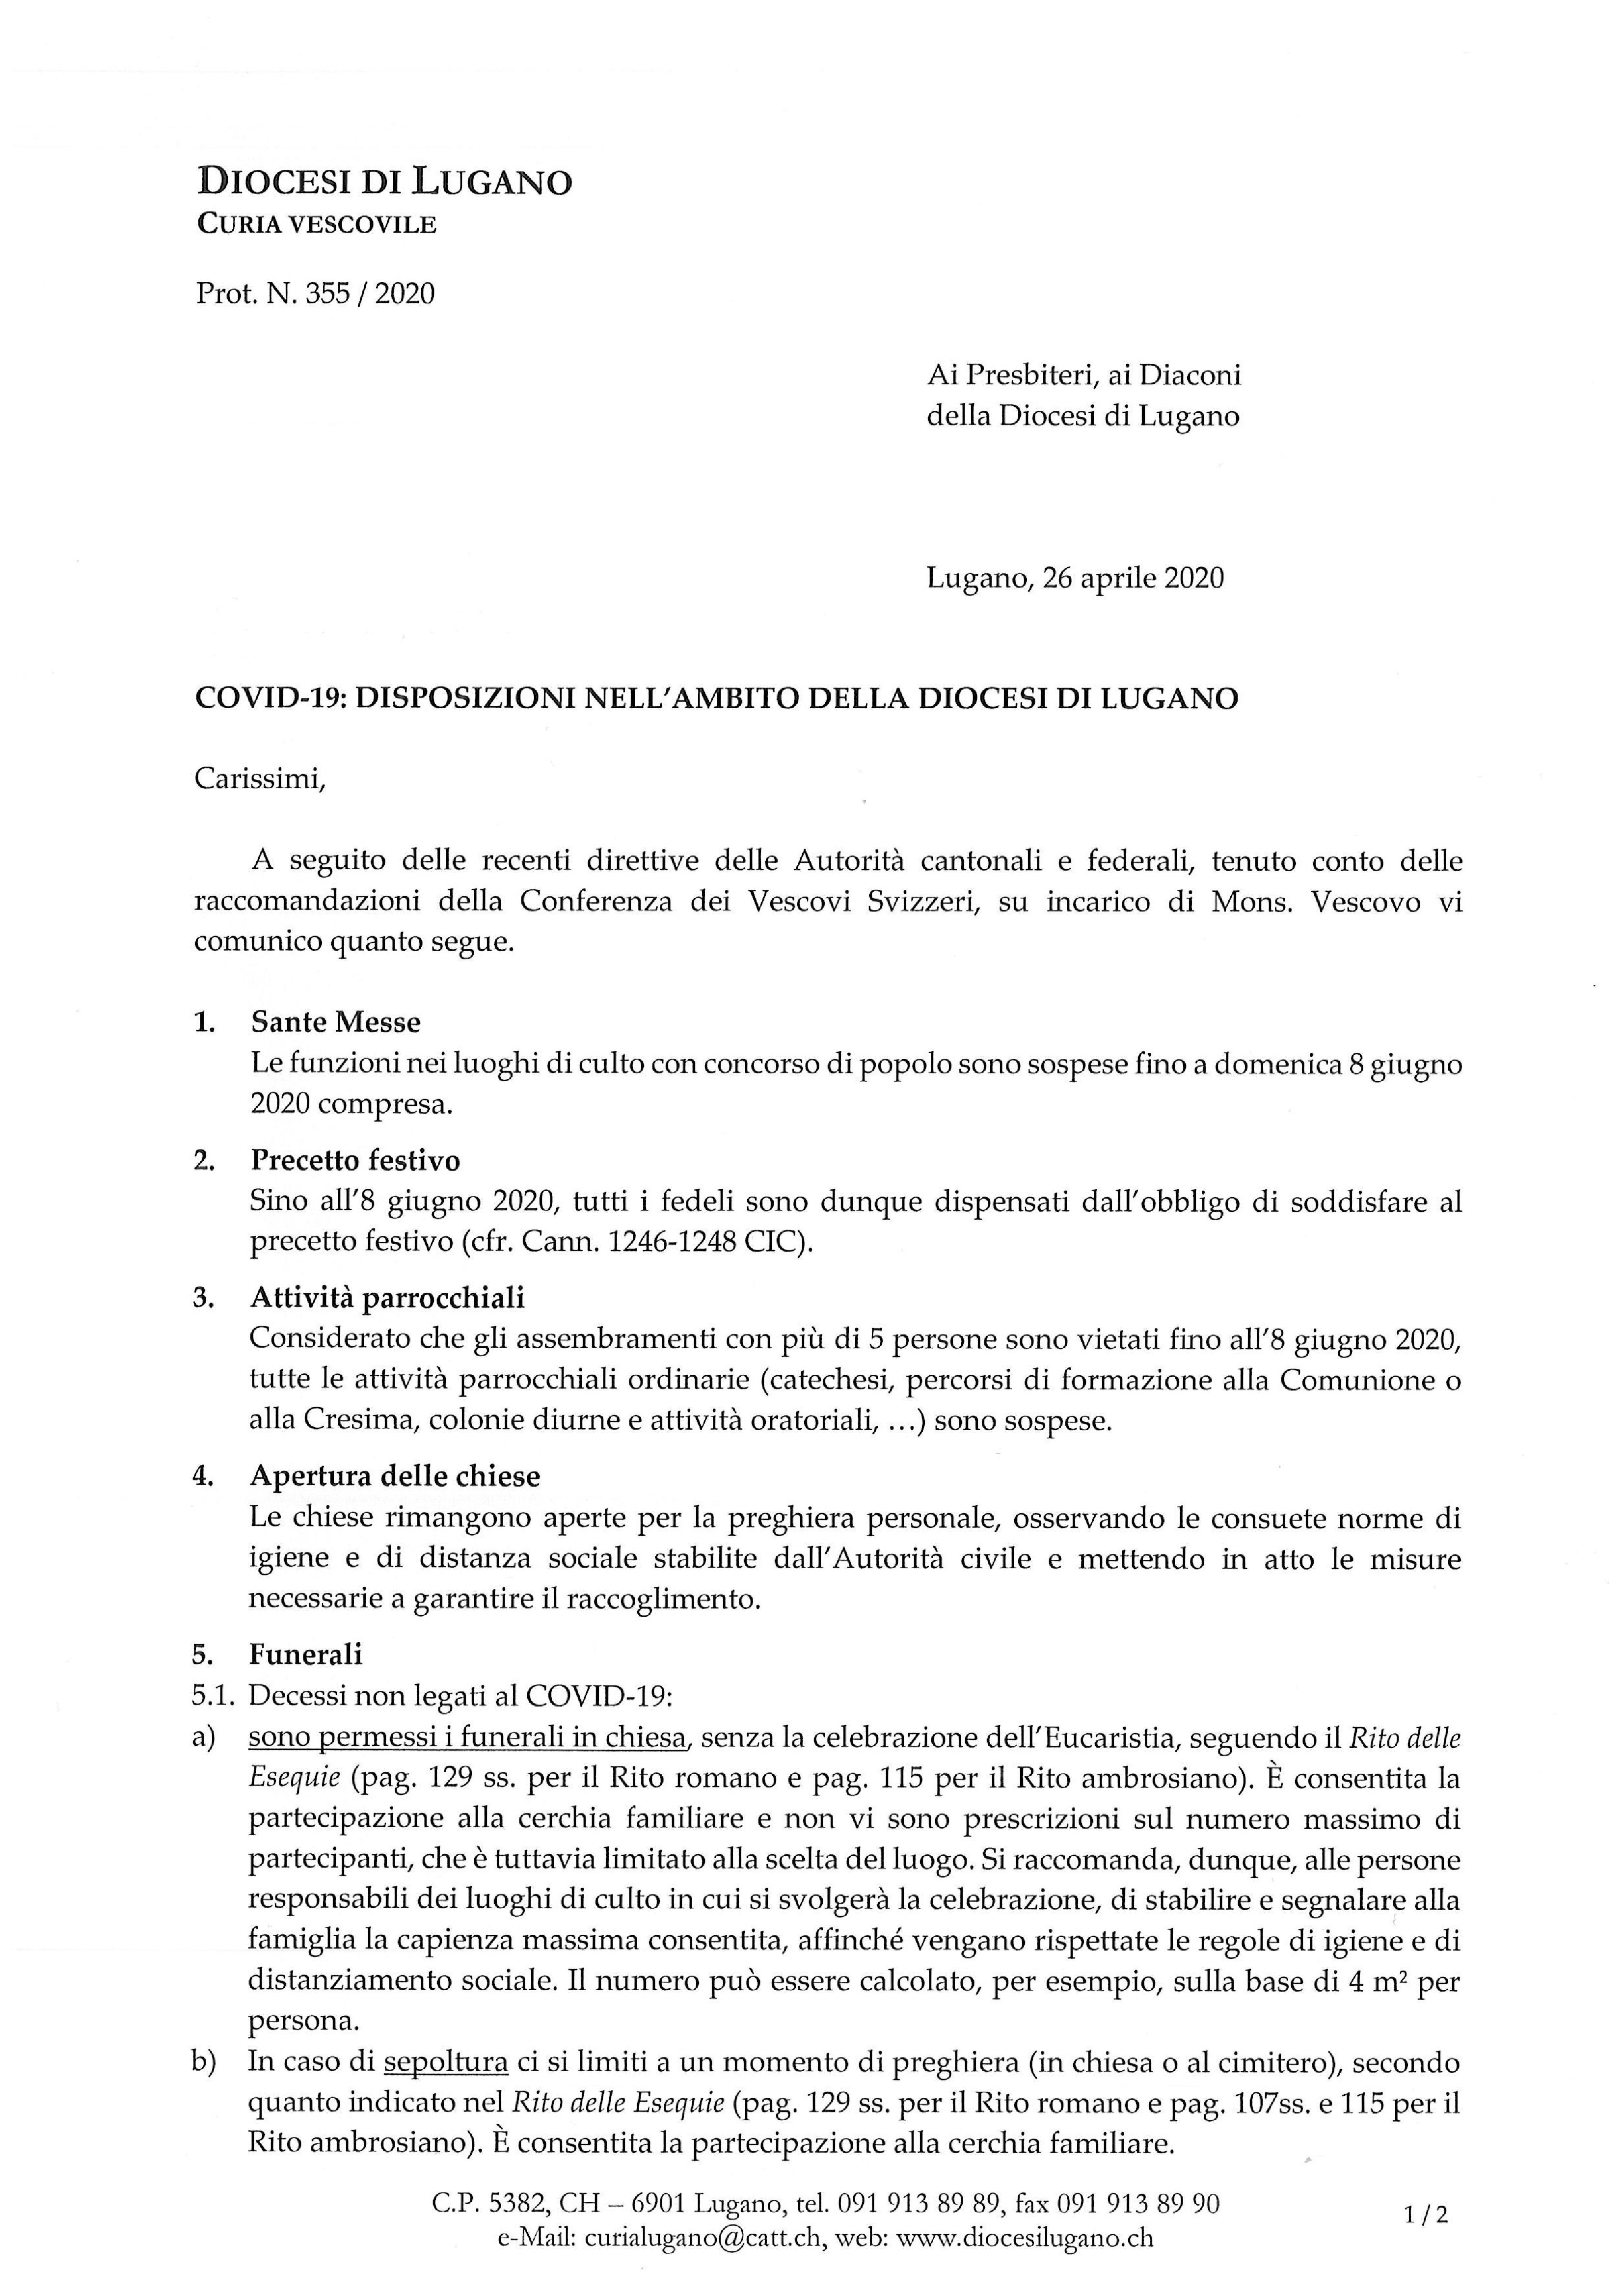 Covid-19_Nuove Disposizioni diocesane_26_04-001